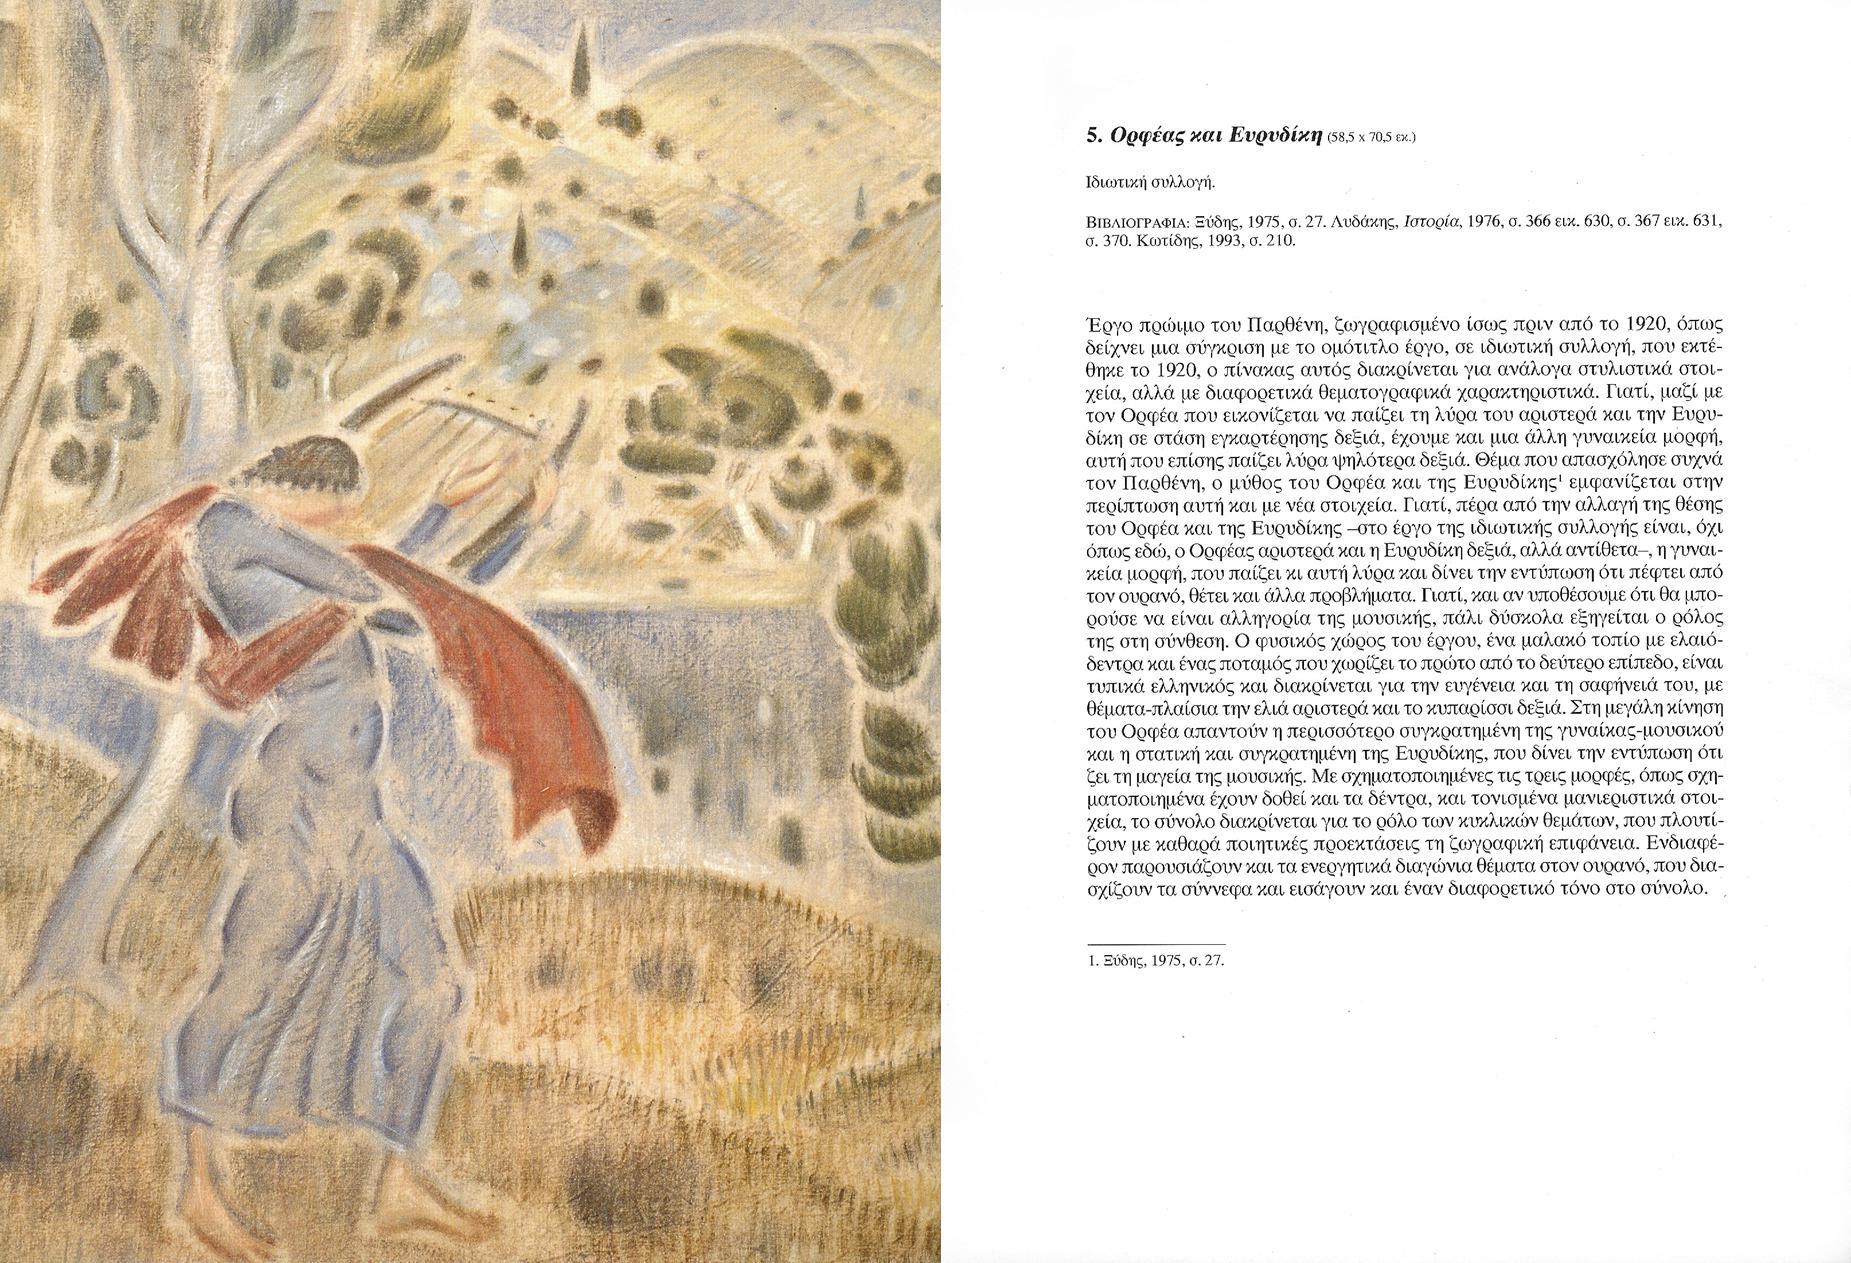 Αφιέρωμα στον Κωνσταντίνο Παρθένη από το Ελληνικό Ίδρυμα Πολιτισμού